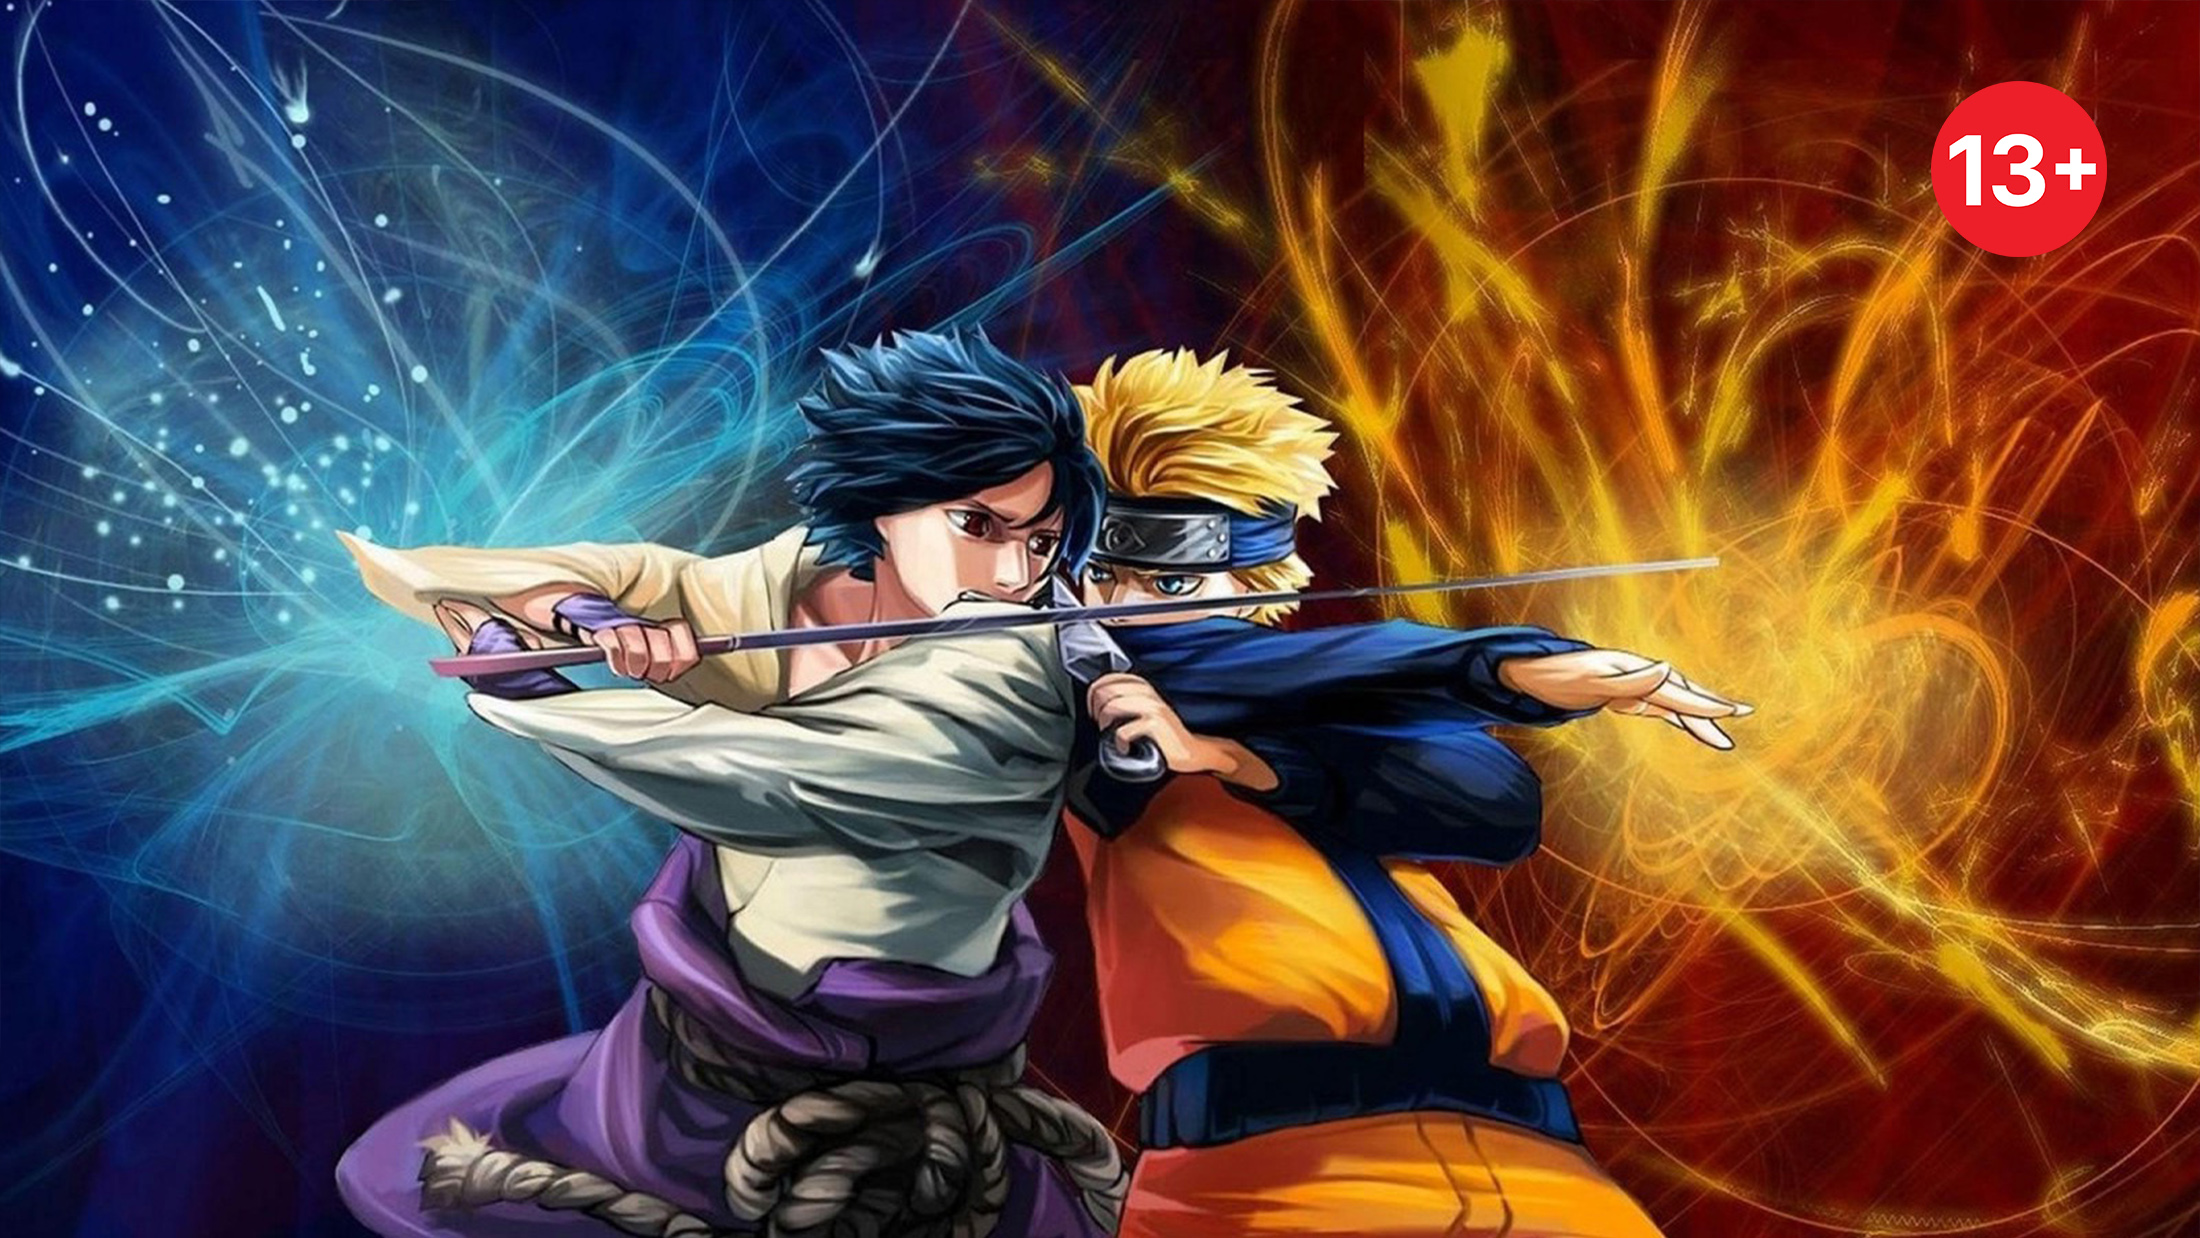 Naruto Truyền Kỳ - Naruto Shippuden